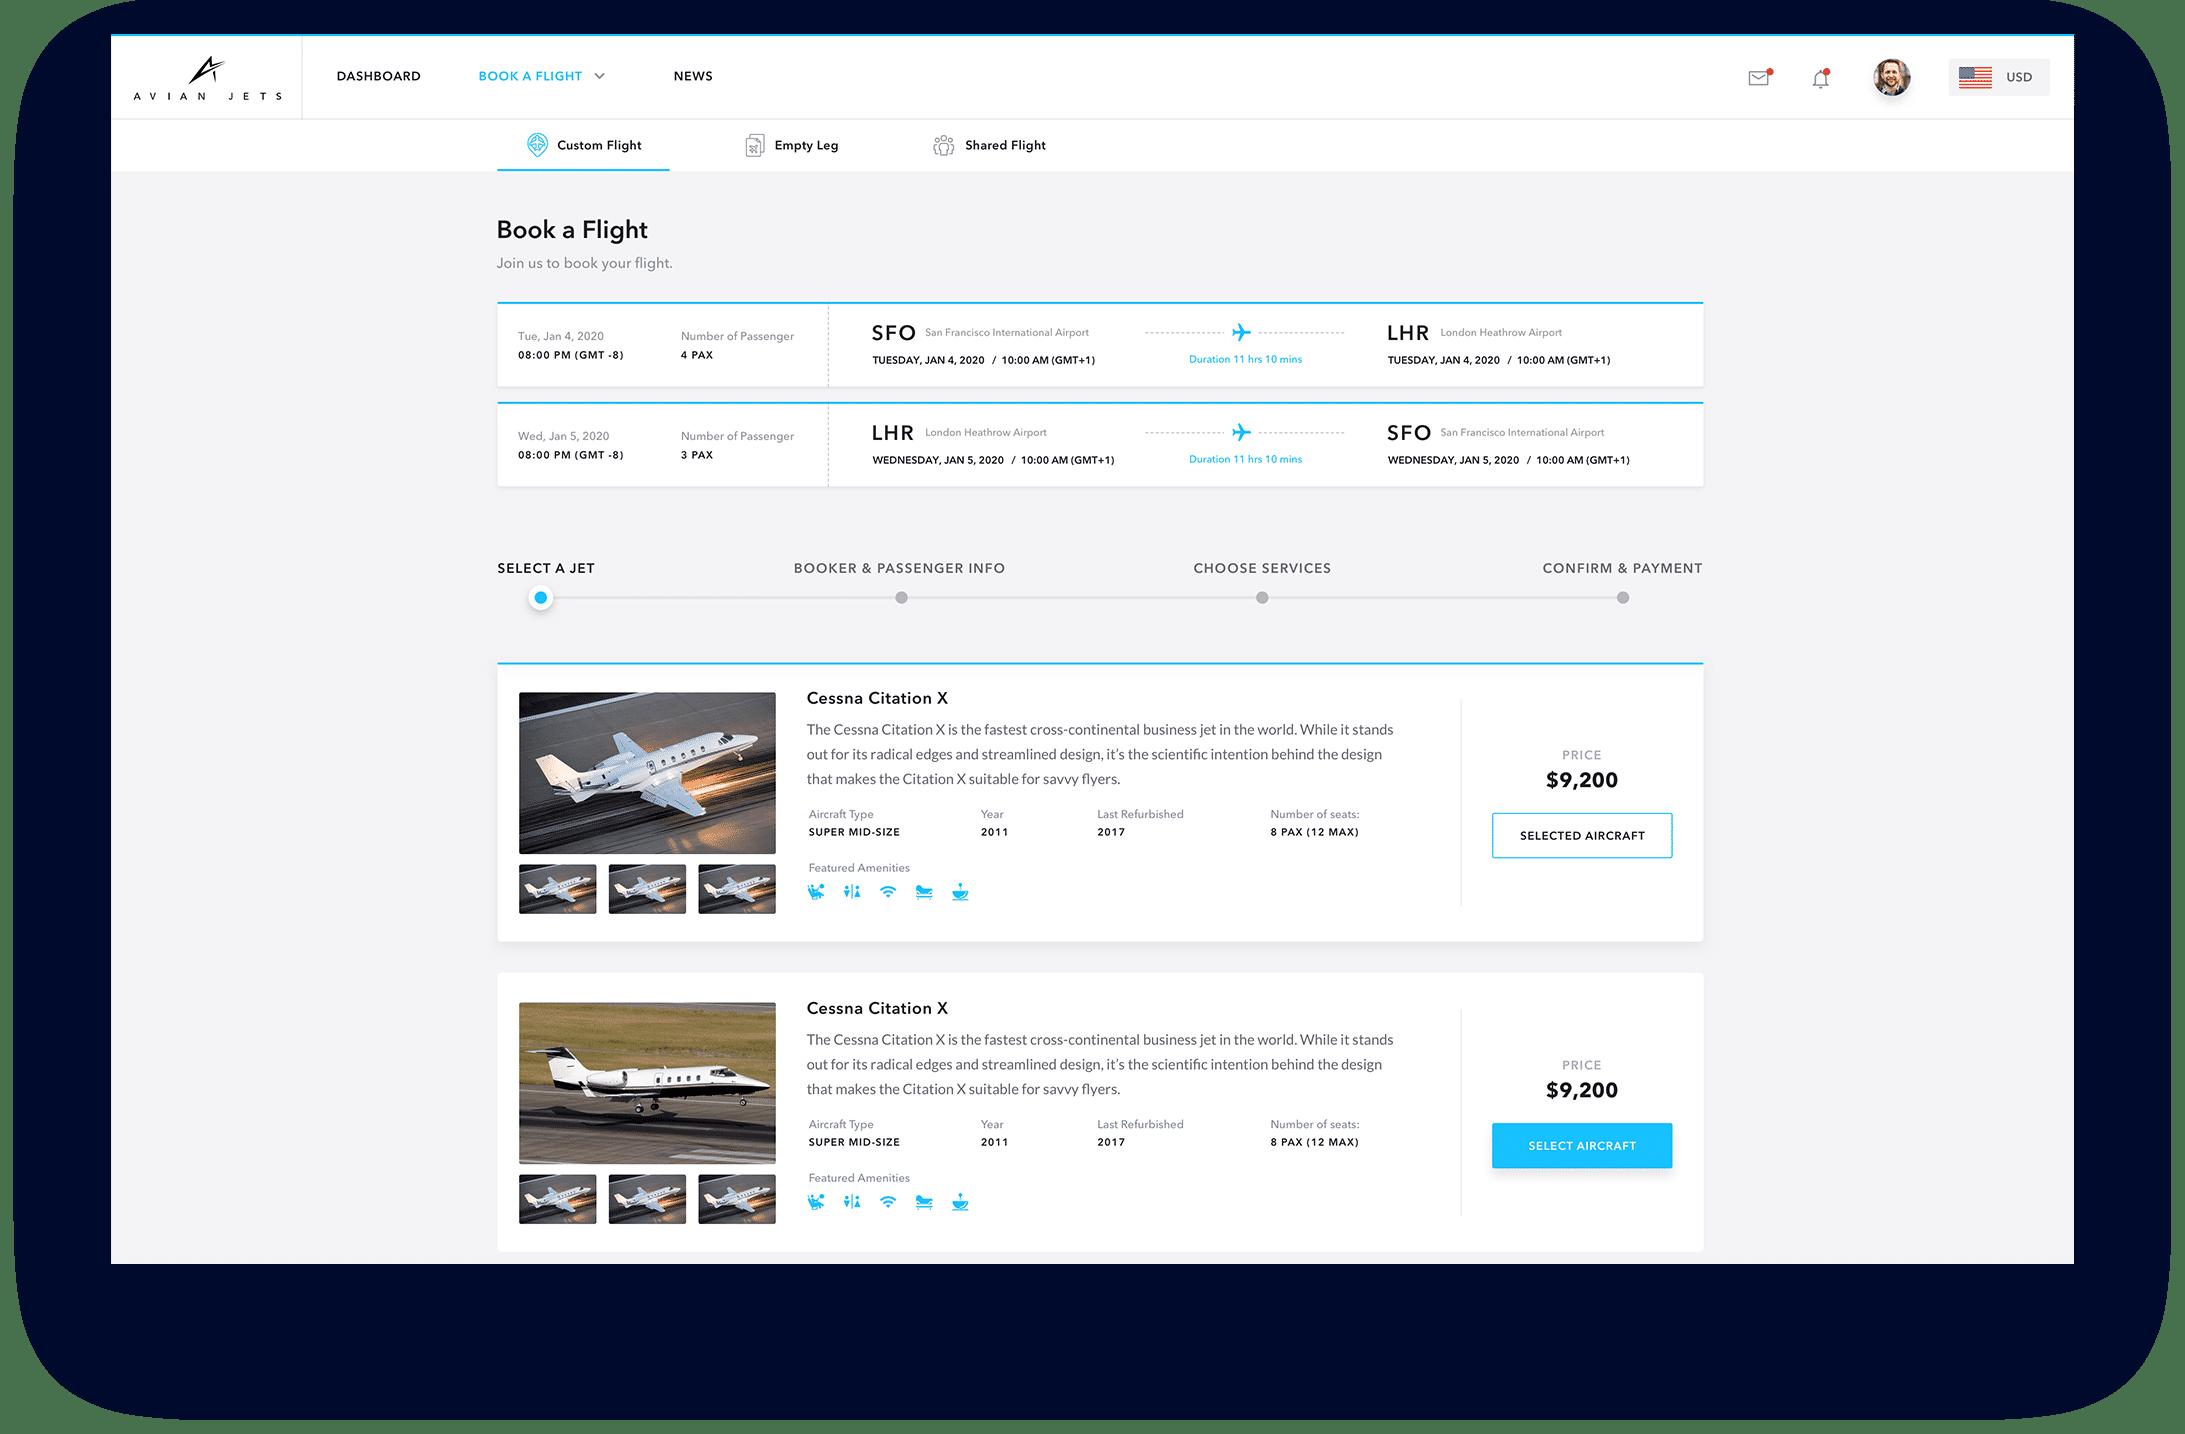 Web App Select Aircraft